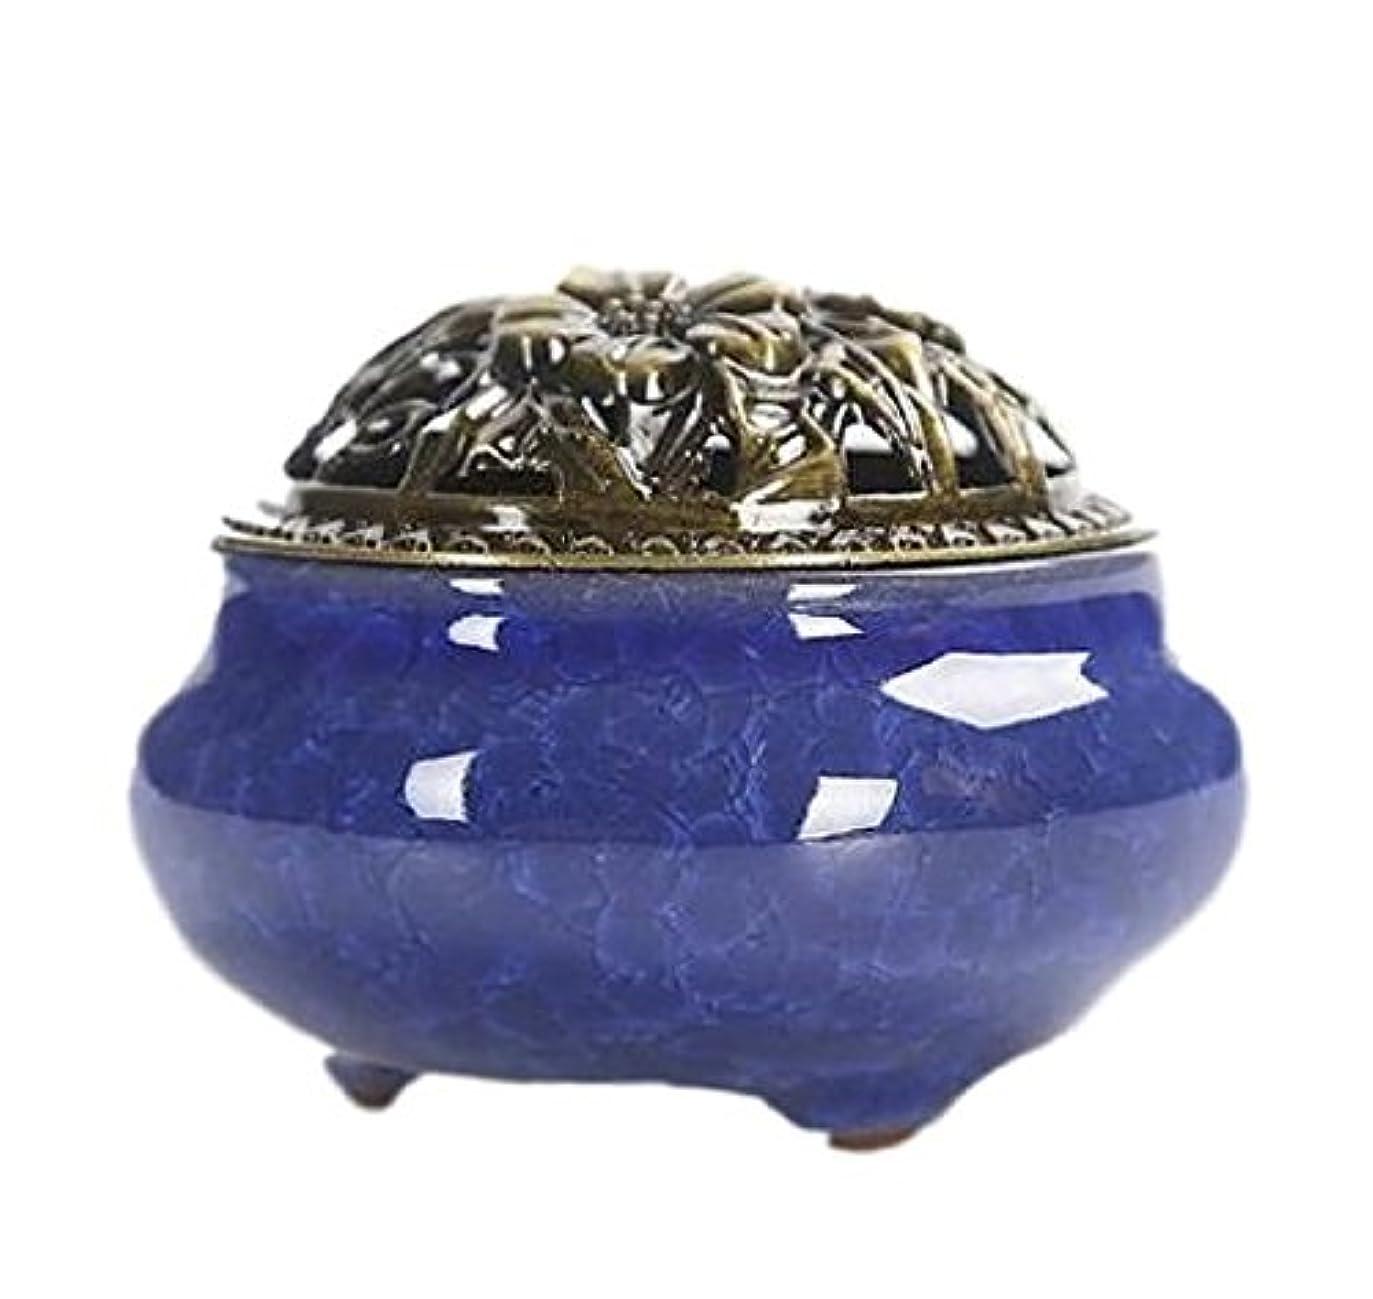 ビリーヤギ拾うホールドU-Pick 香炉 お香立て セット 心を落ち着かせてくれる 色合い 陶器 サファイア色